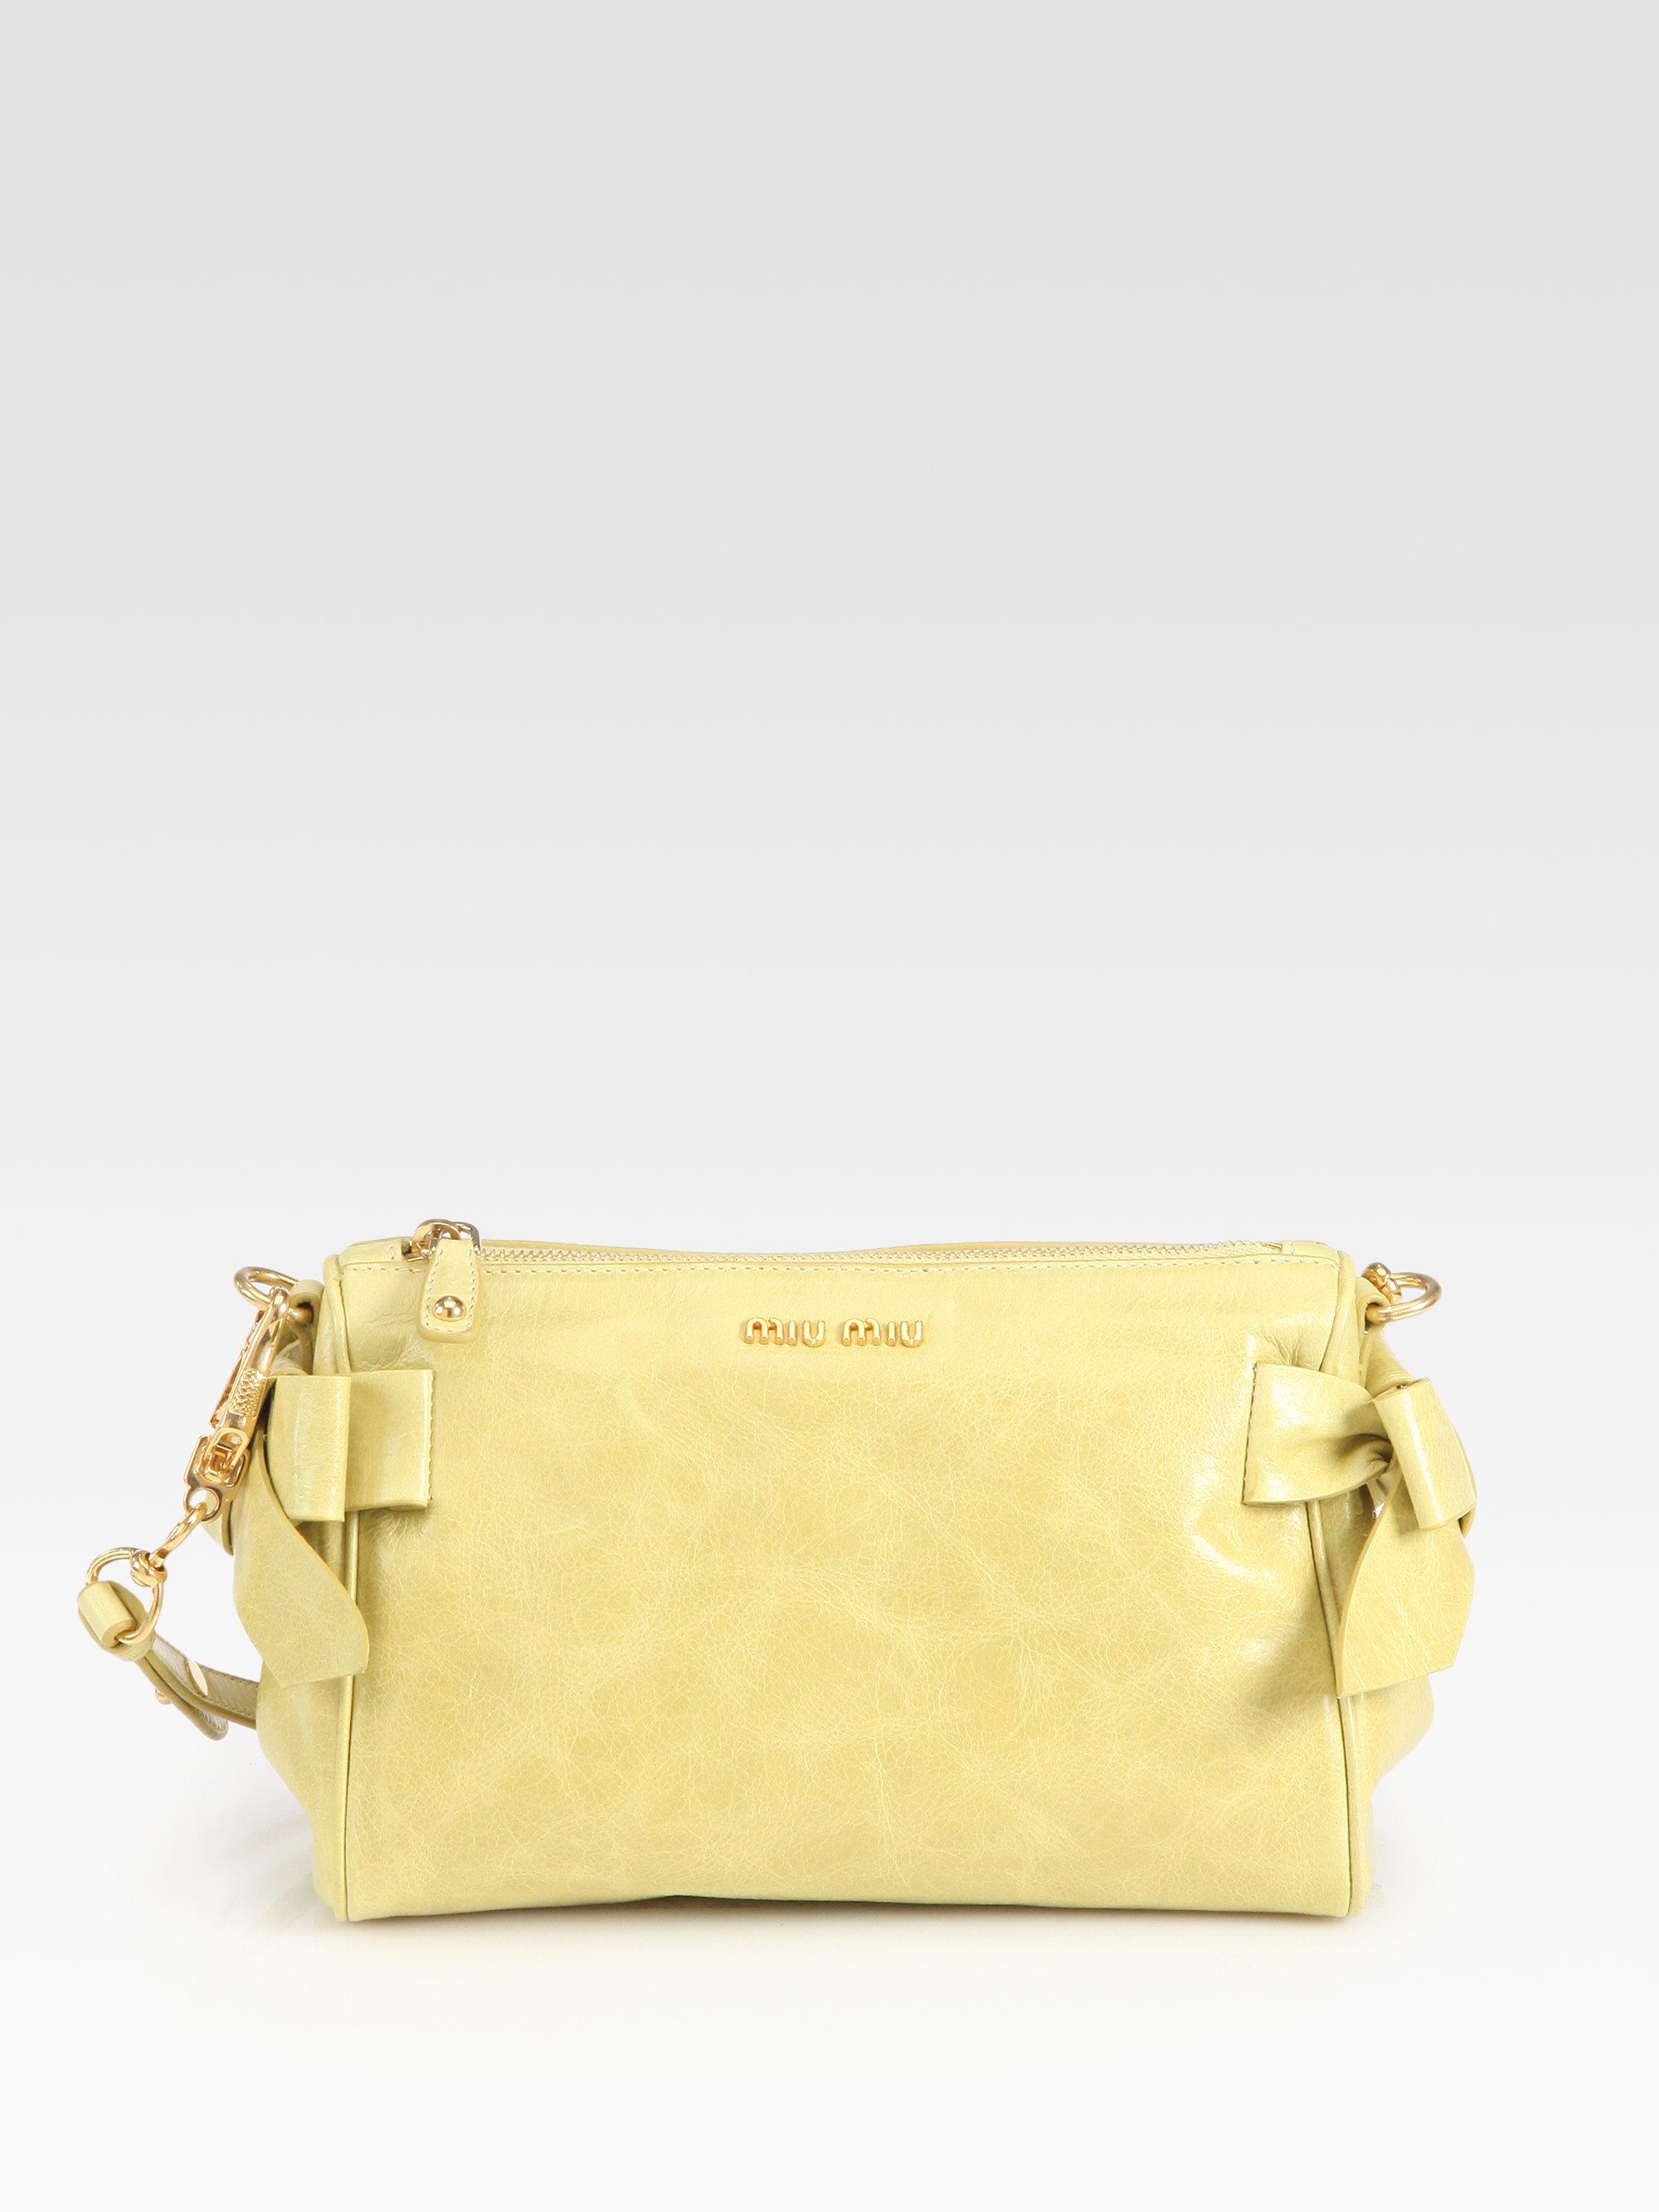 Miu Miu Vitello Small Bow Shoulder Bag 80